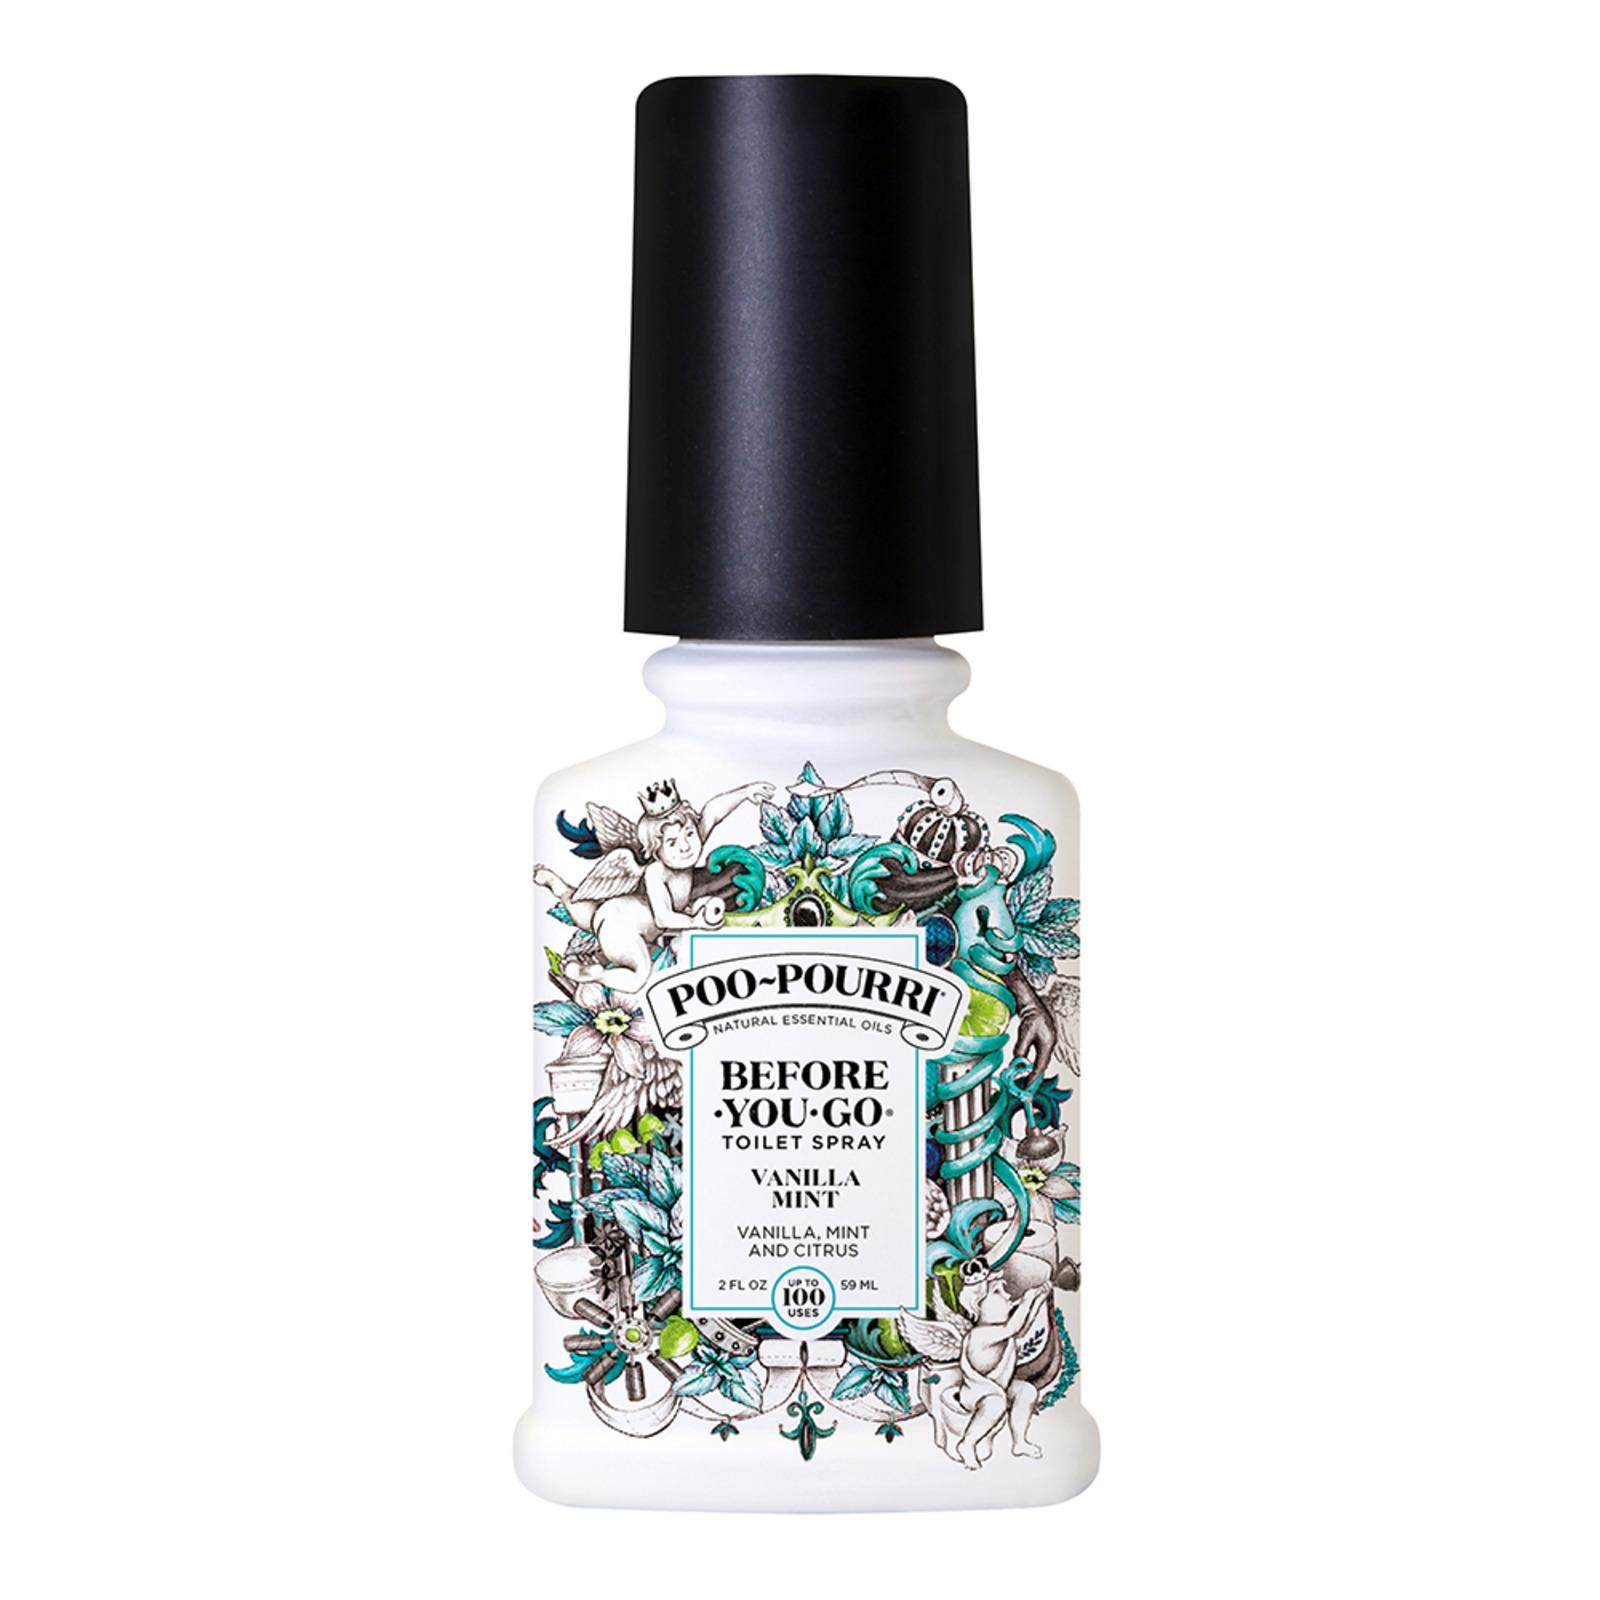 Poo Pourri Toilet Spray 59ml - Vanilla Mint